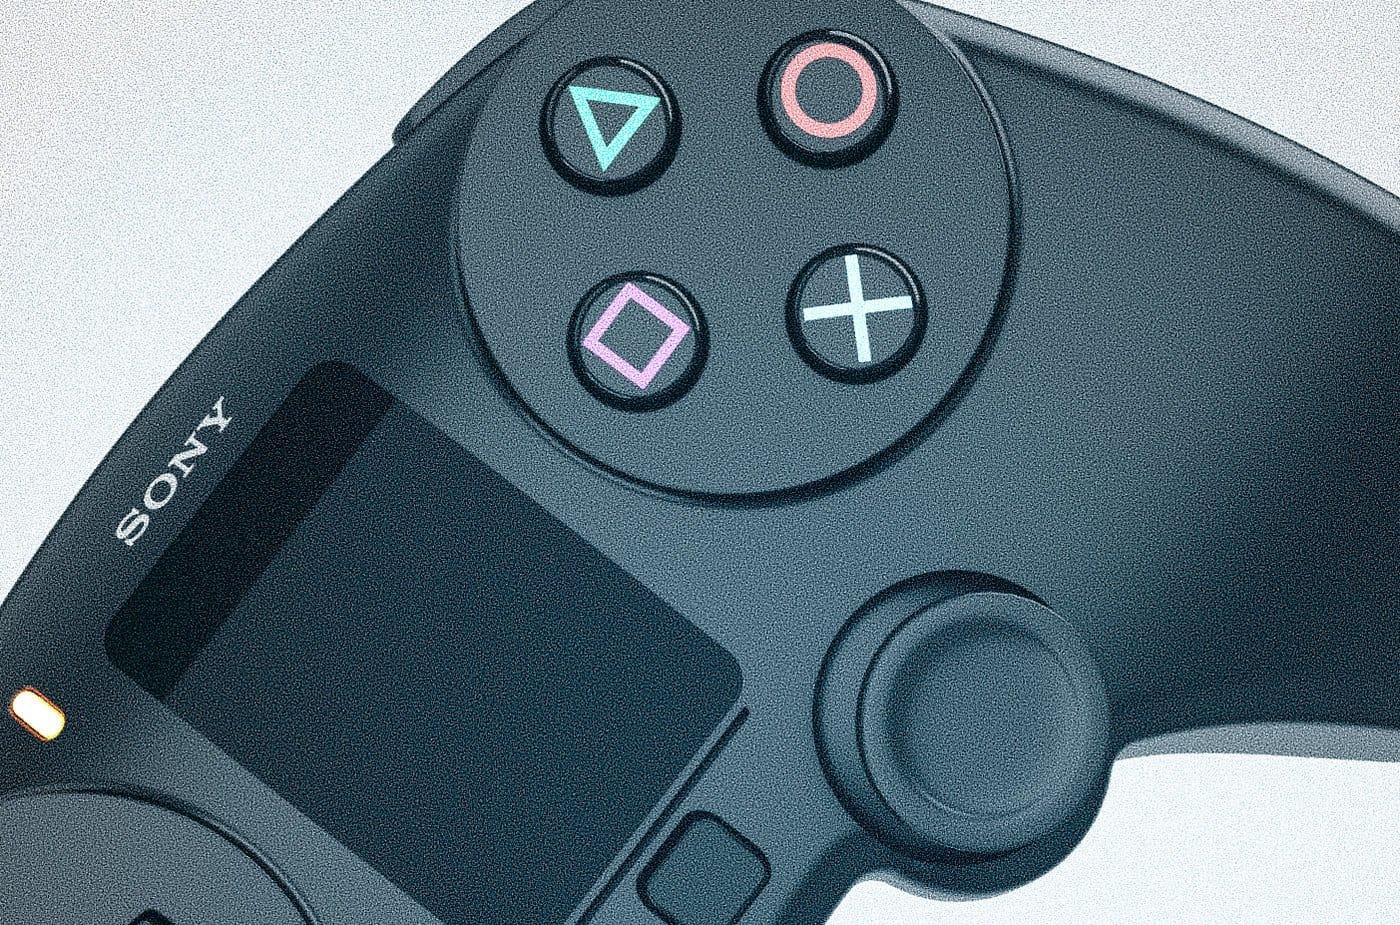 Sony-PlayStation-5-4-2.jpg